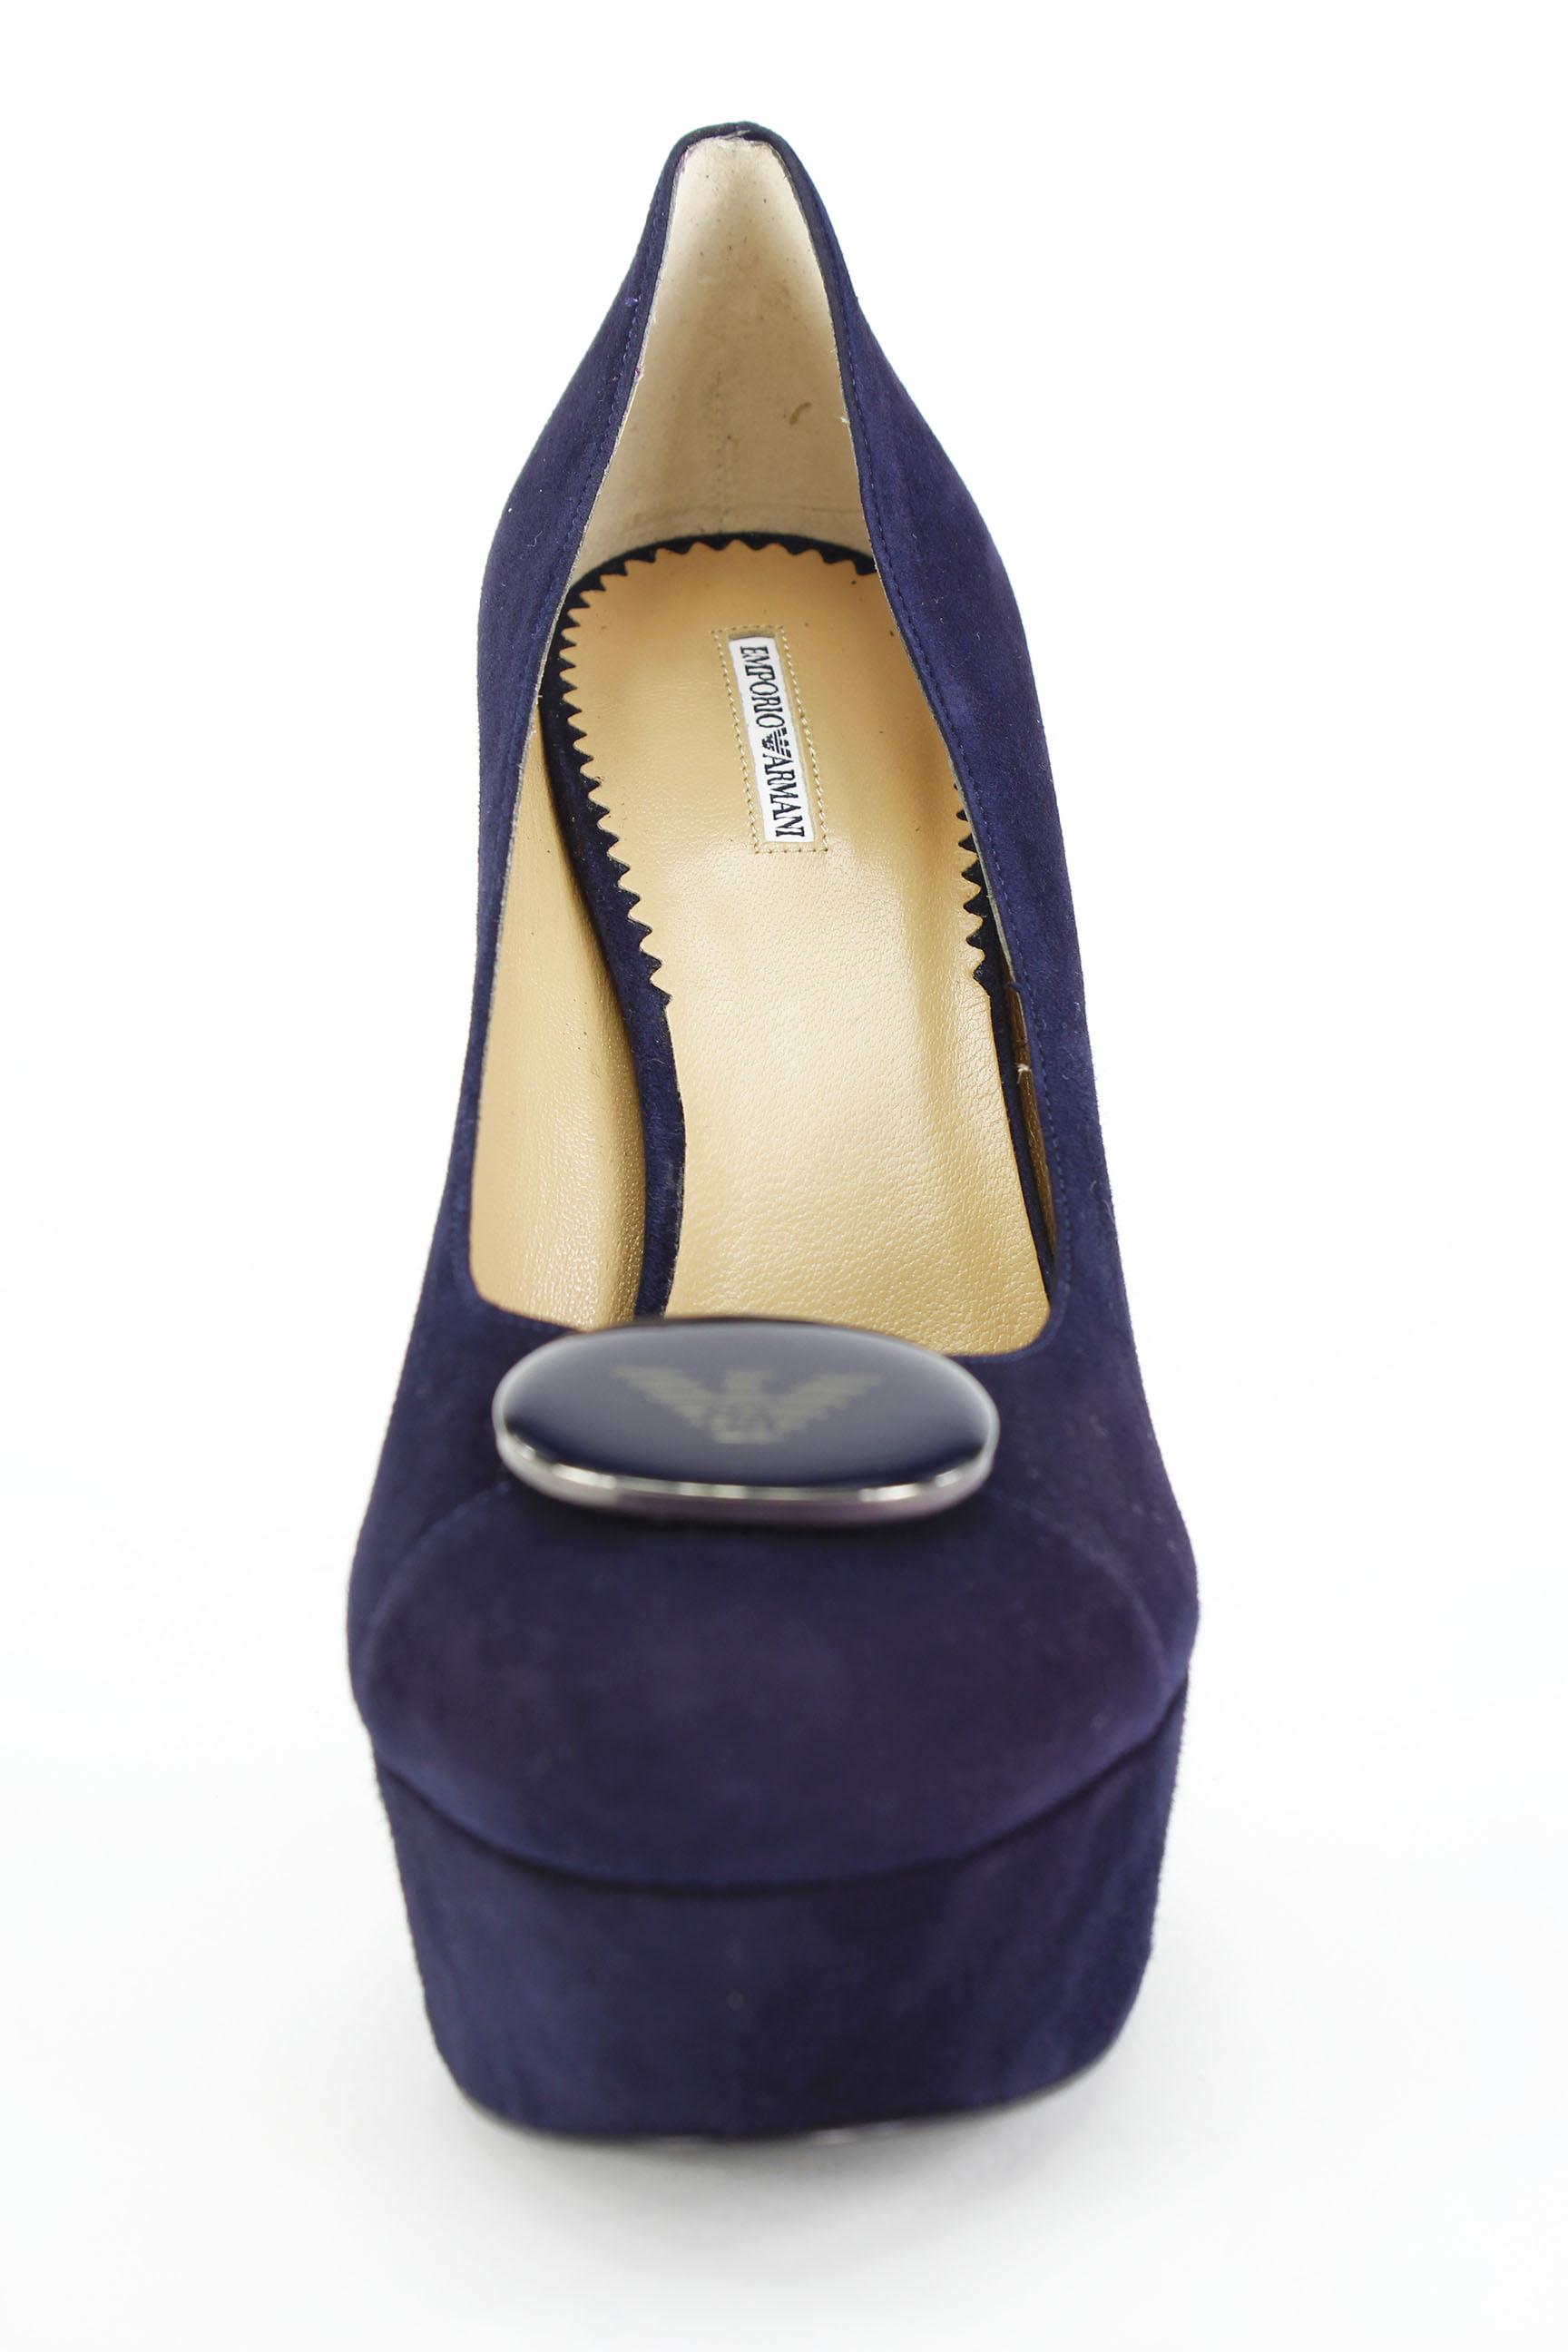 Emporio Armani Womens US Stiletto Heels Size 10 US Womens / 40 EU Blue Suede e6e24c